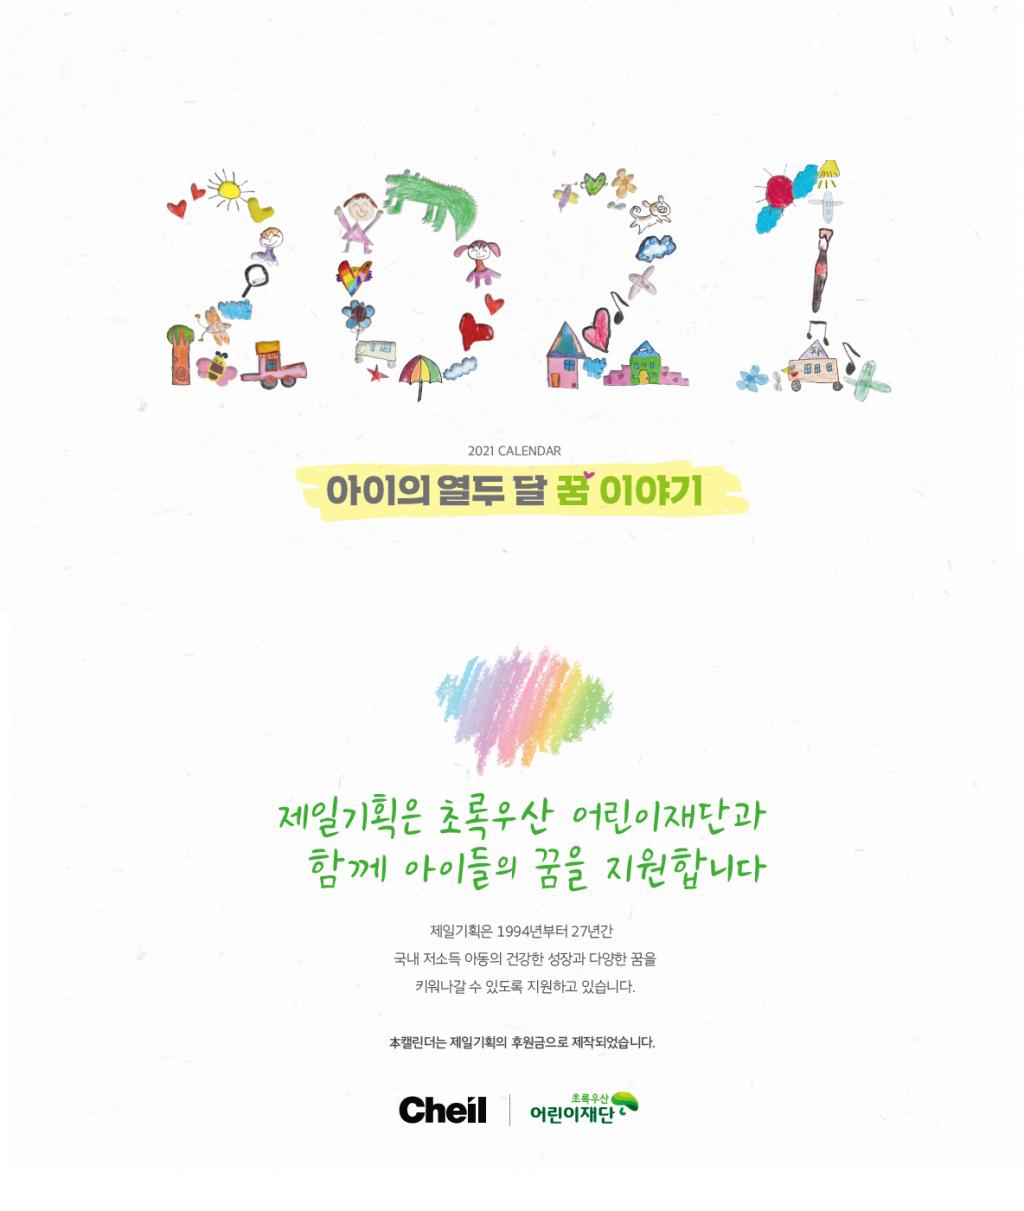 삼성, 연말 맞아 이웃사랑성금 전달·청소년 교육 NGO 지원